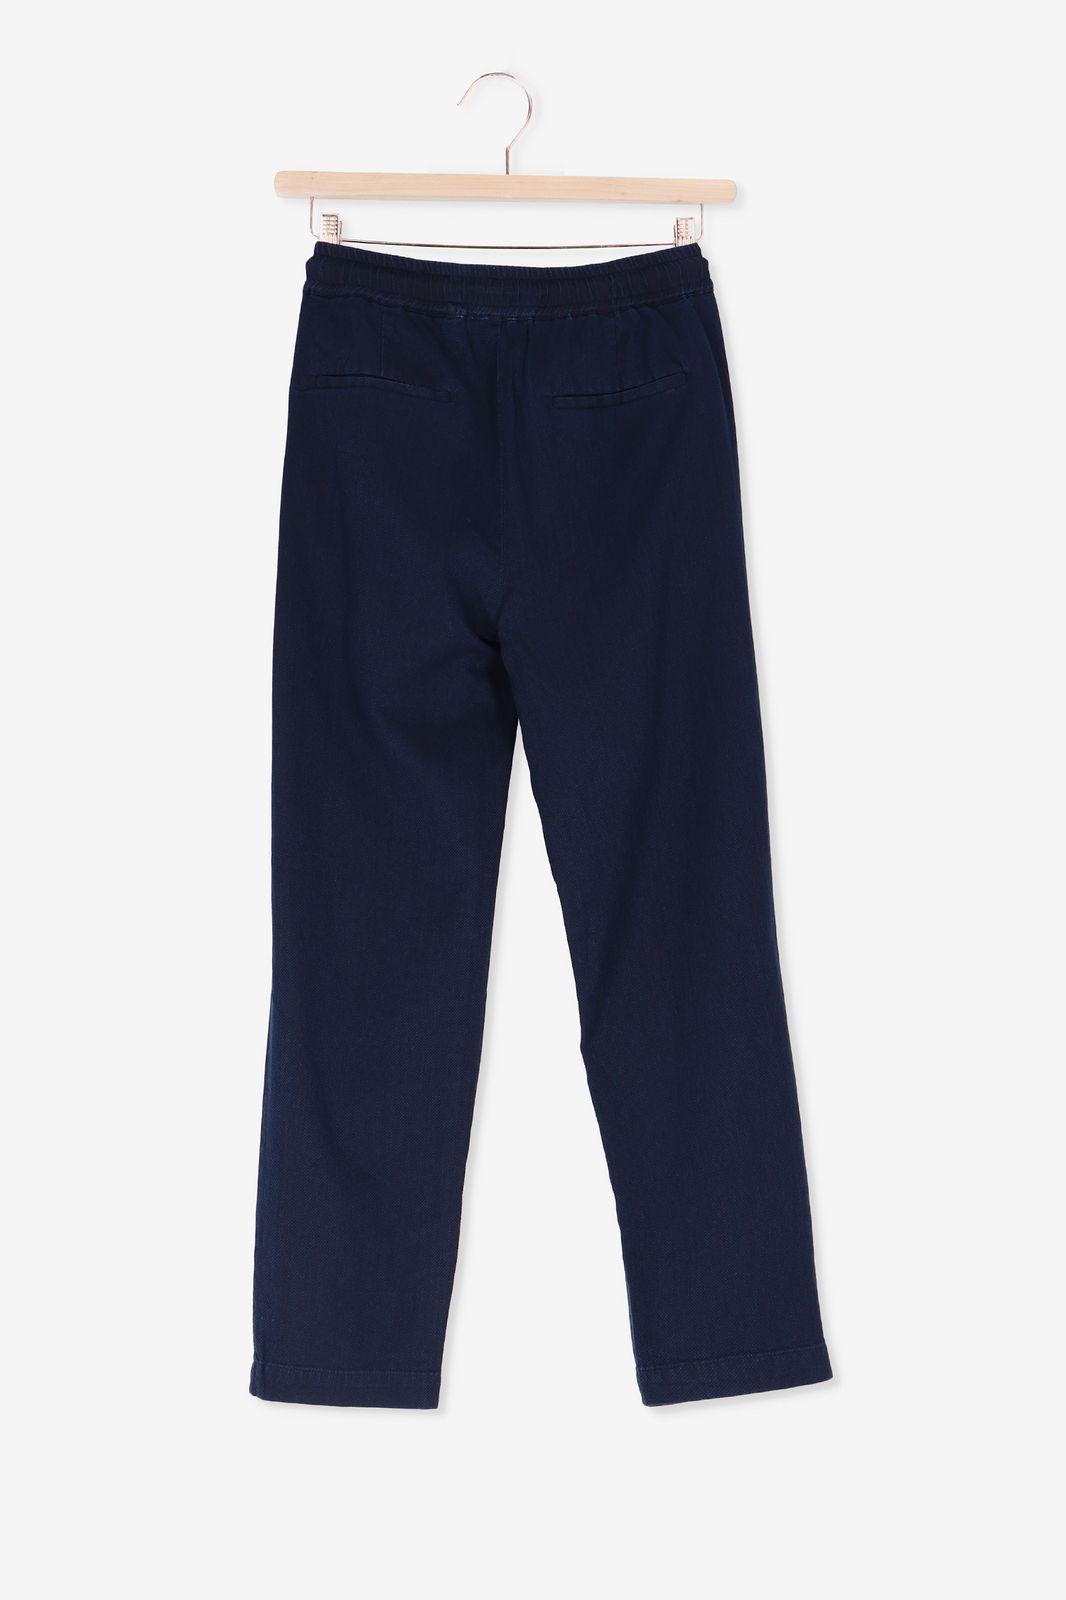 Blauwe broek met structuur - Dames | Sissy-Boy